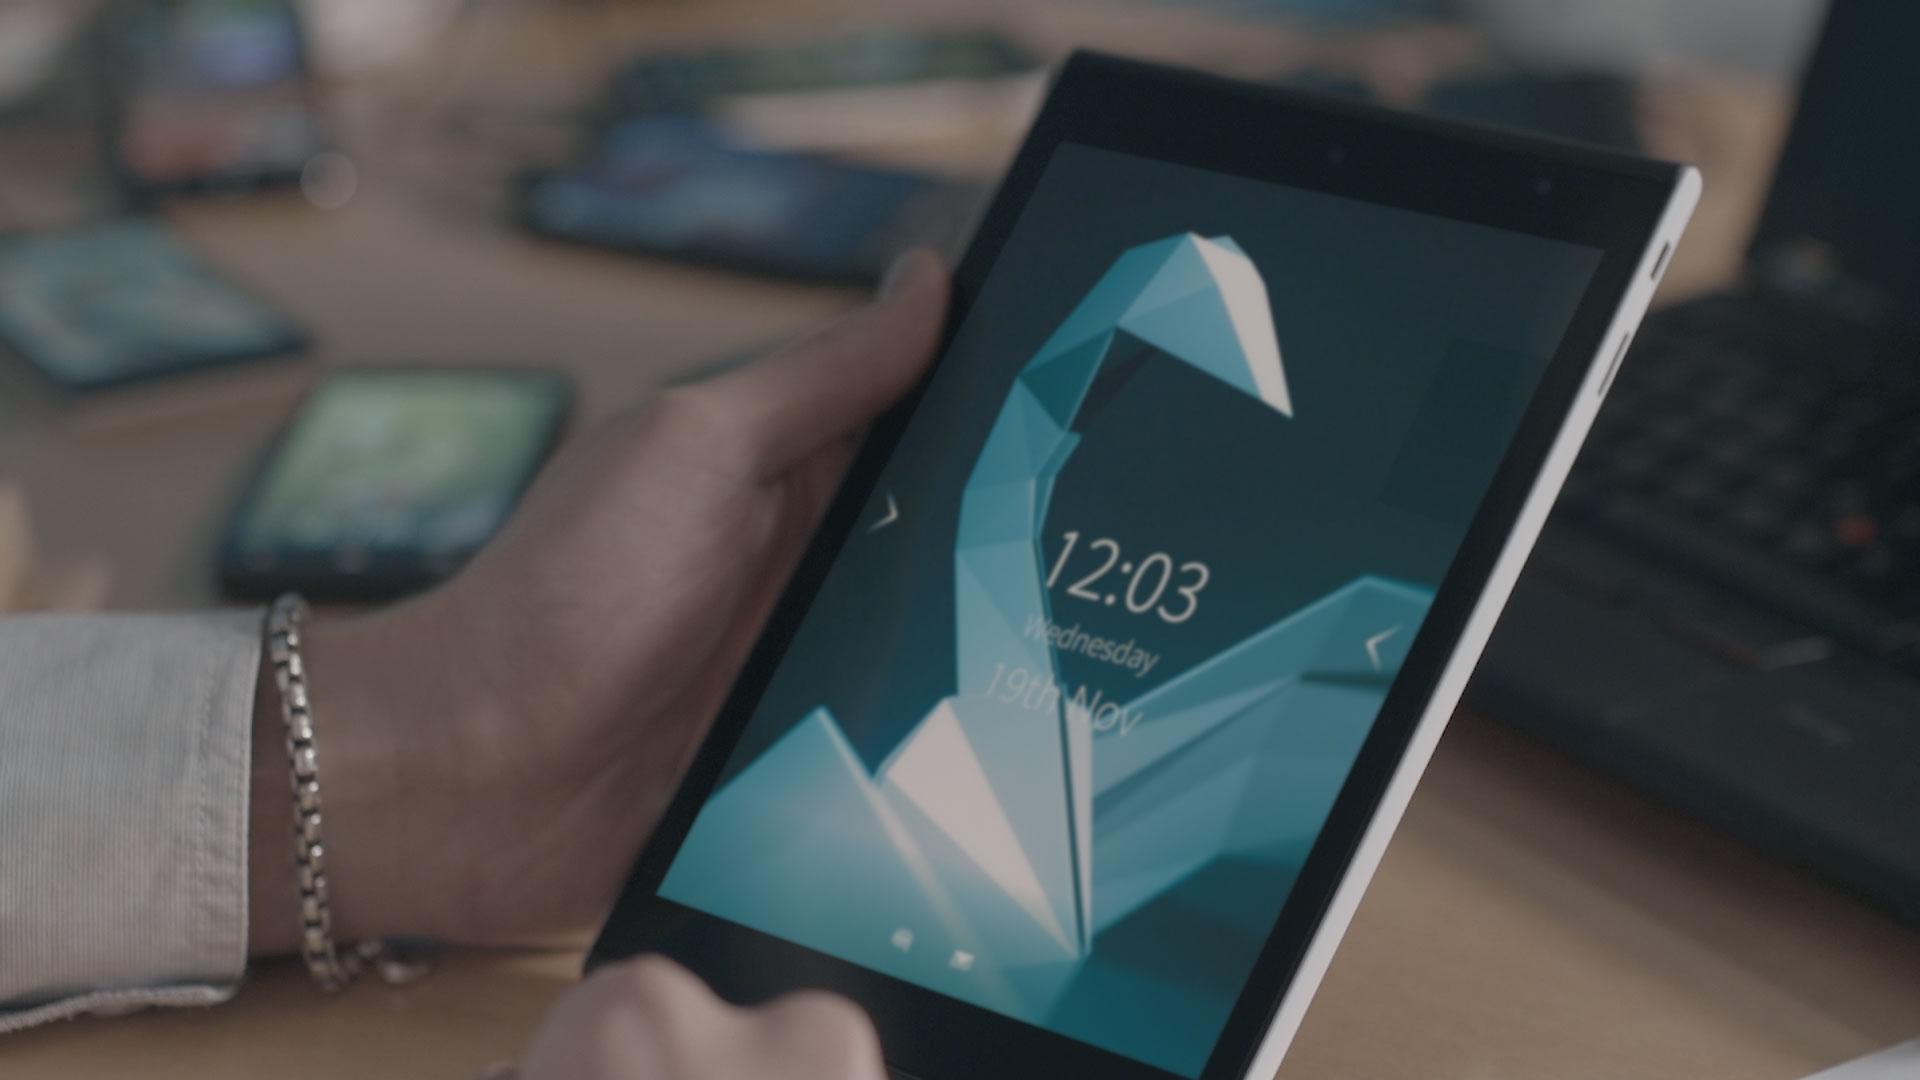 Lenovo tenta melhorar receita de Android conversível com Yoga Tablet 10 HD+